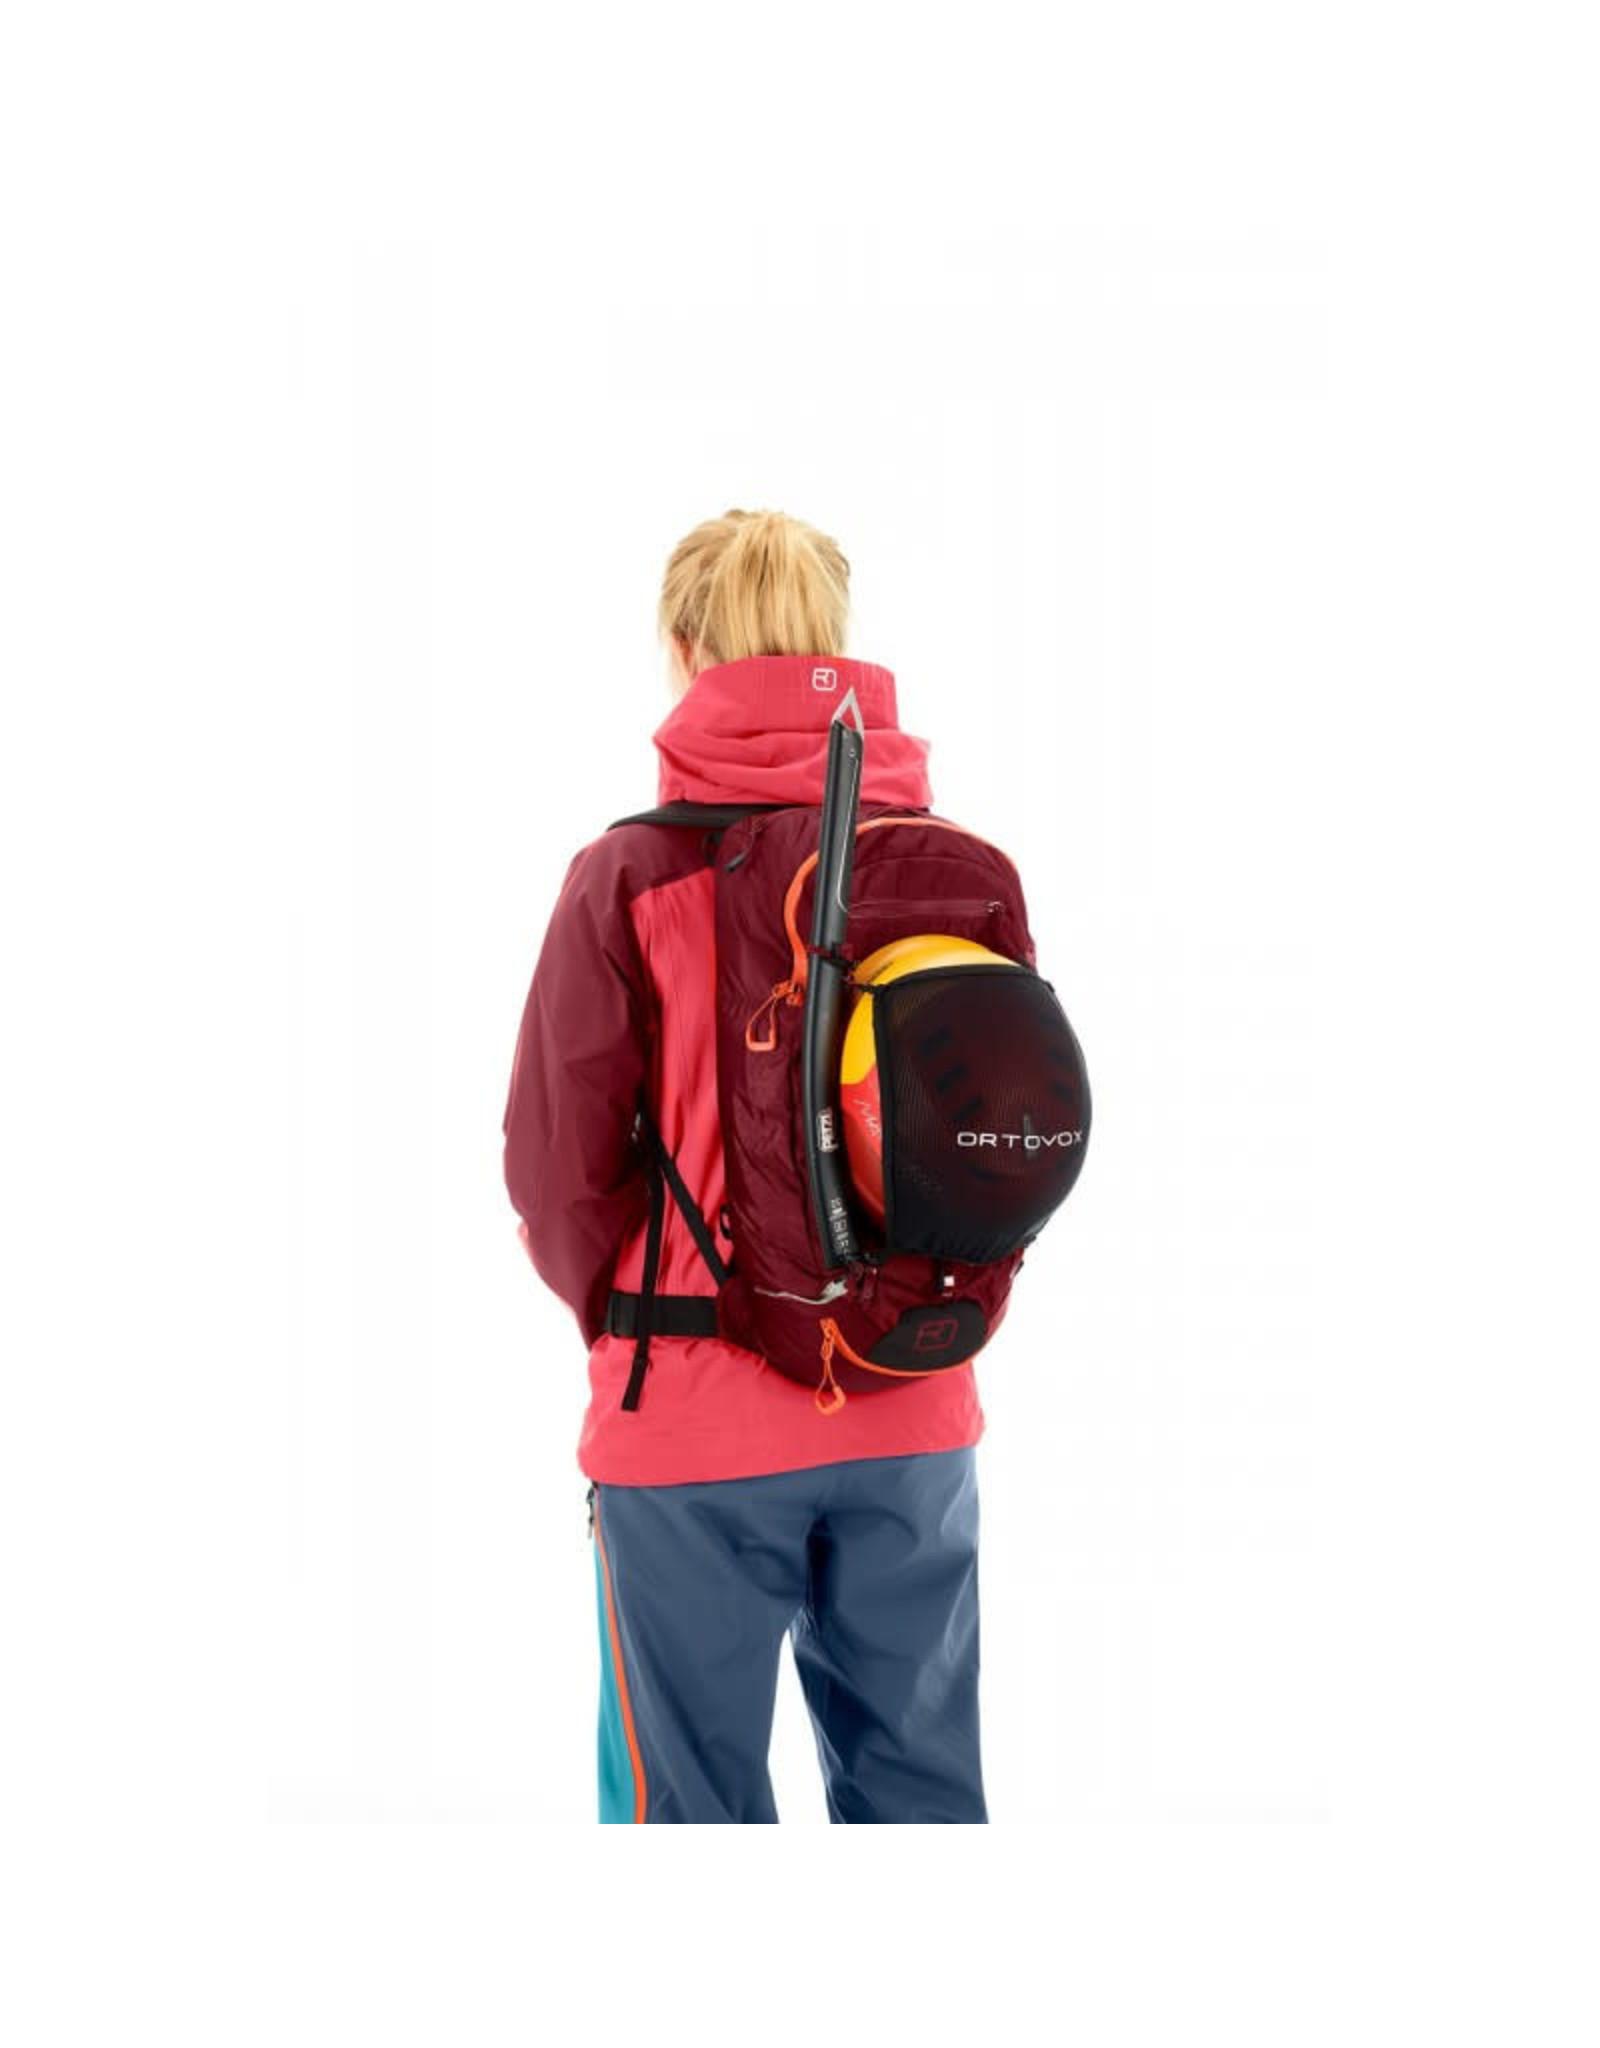 Ortovox Ortovox Ascent 22